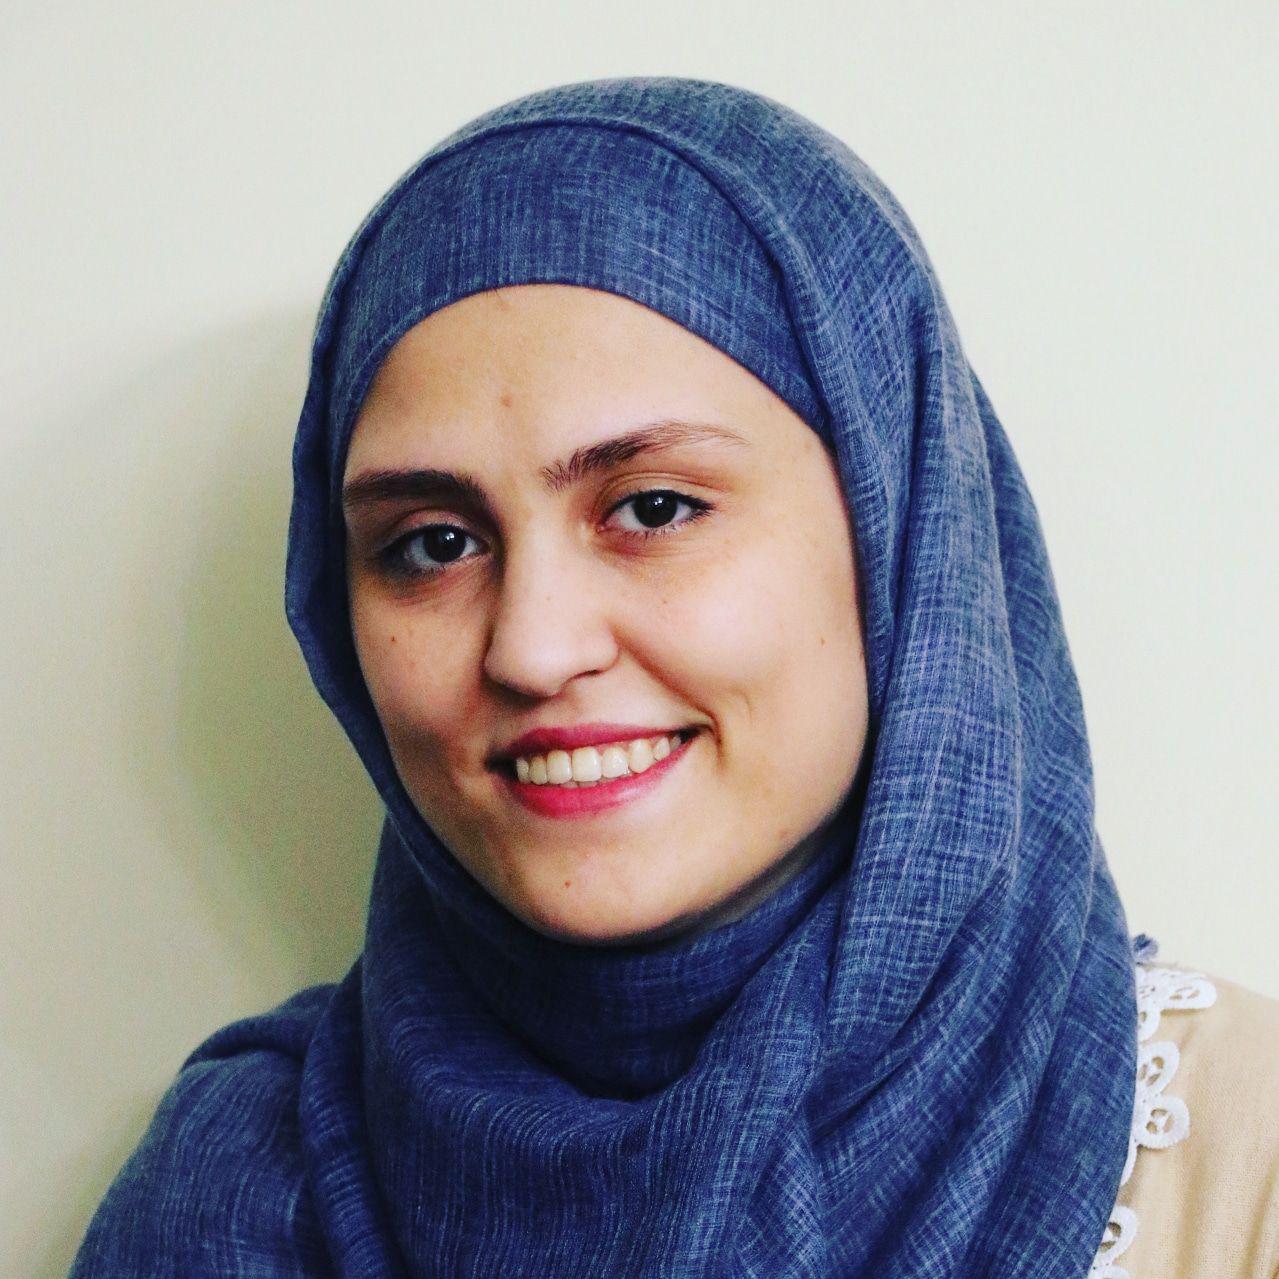 مصاحبه با رتبه ۳ سیستم، کنکور کارشناسی ارشد مهندسی صنایع سال ۹۸، خانم مهدیه رحمتی